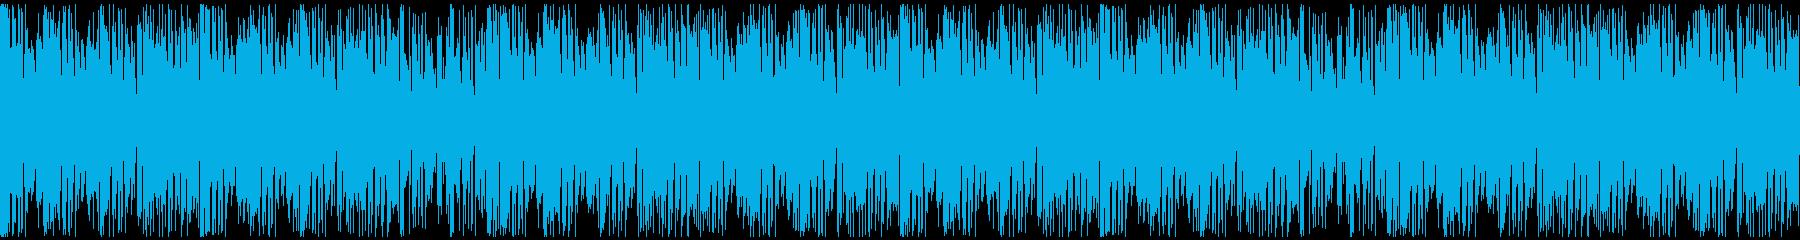 【激しく神秘的/シンフォニックメタル】の再生済みの波形